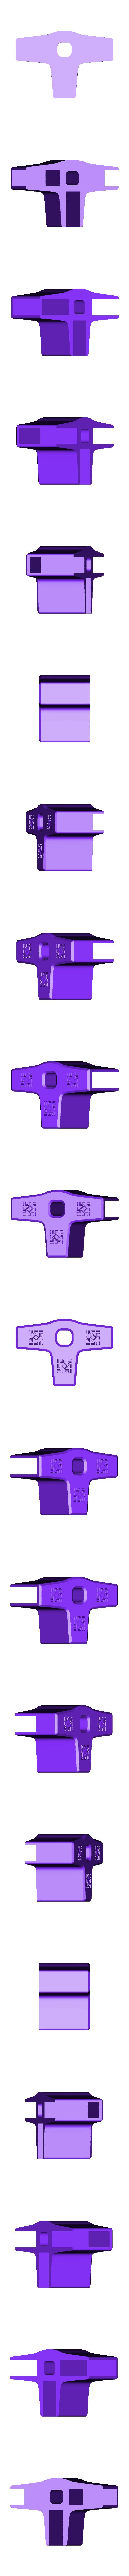 Shelv___T__.stl Télécharger fichier STL gratuit Zavr - Système d'étagères modulaires pour les filles courageuses • Objet pour impression 3D, shumeyko